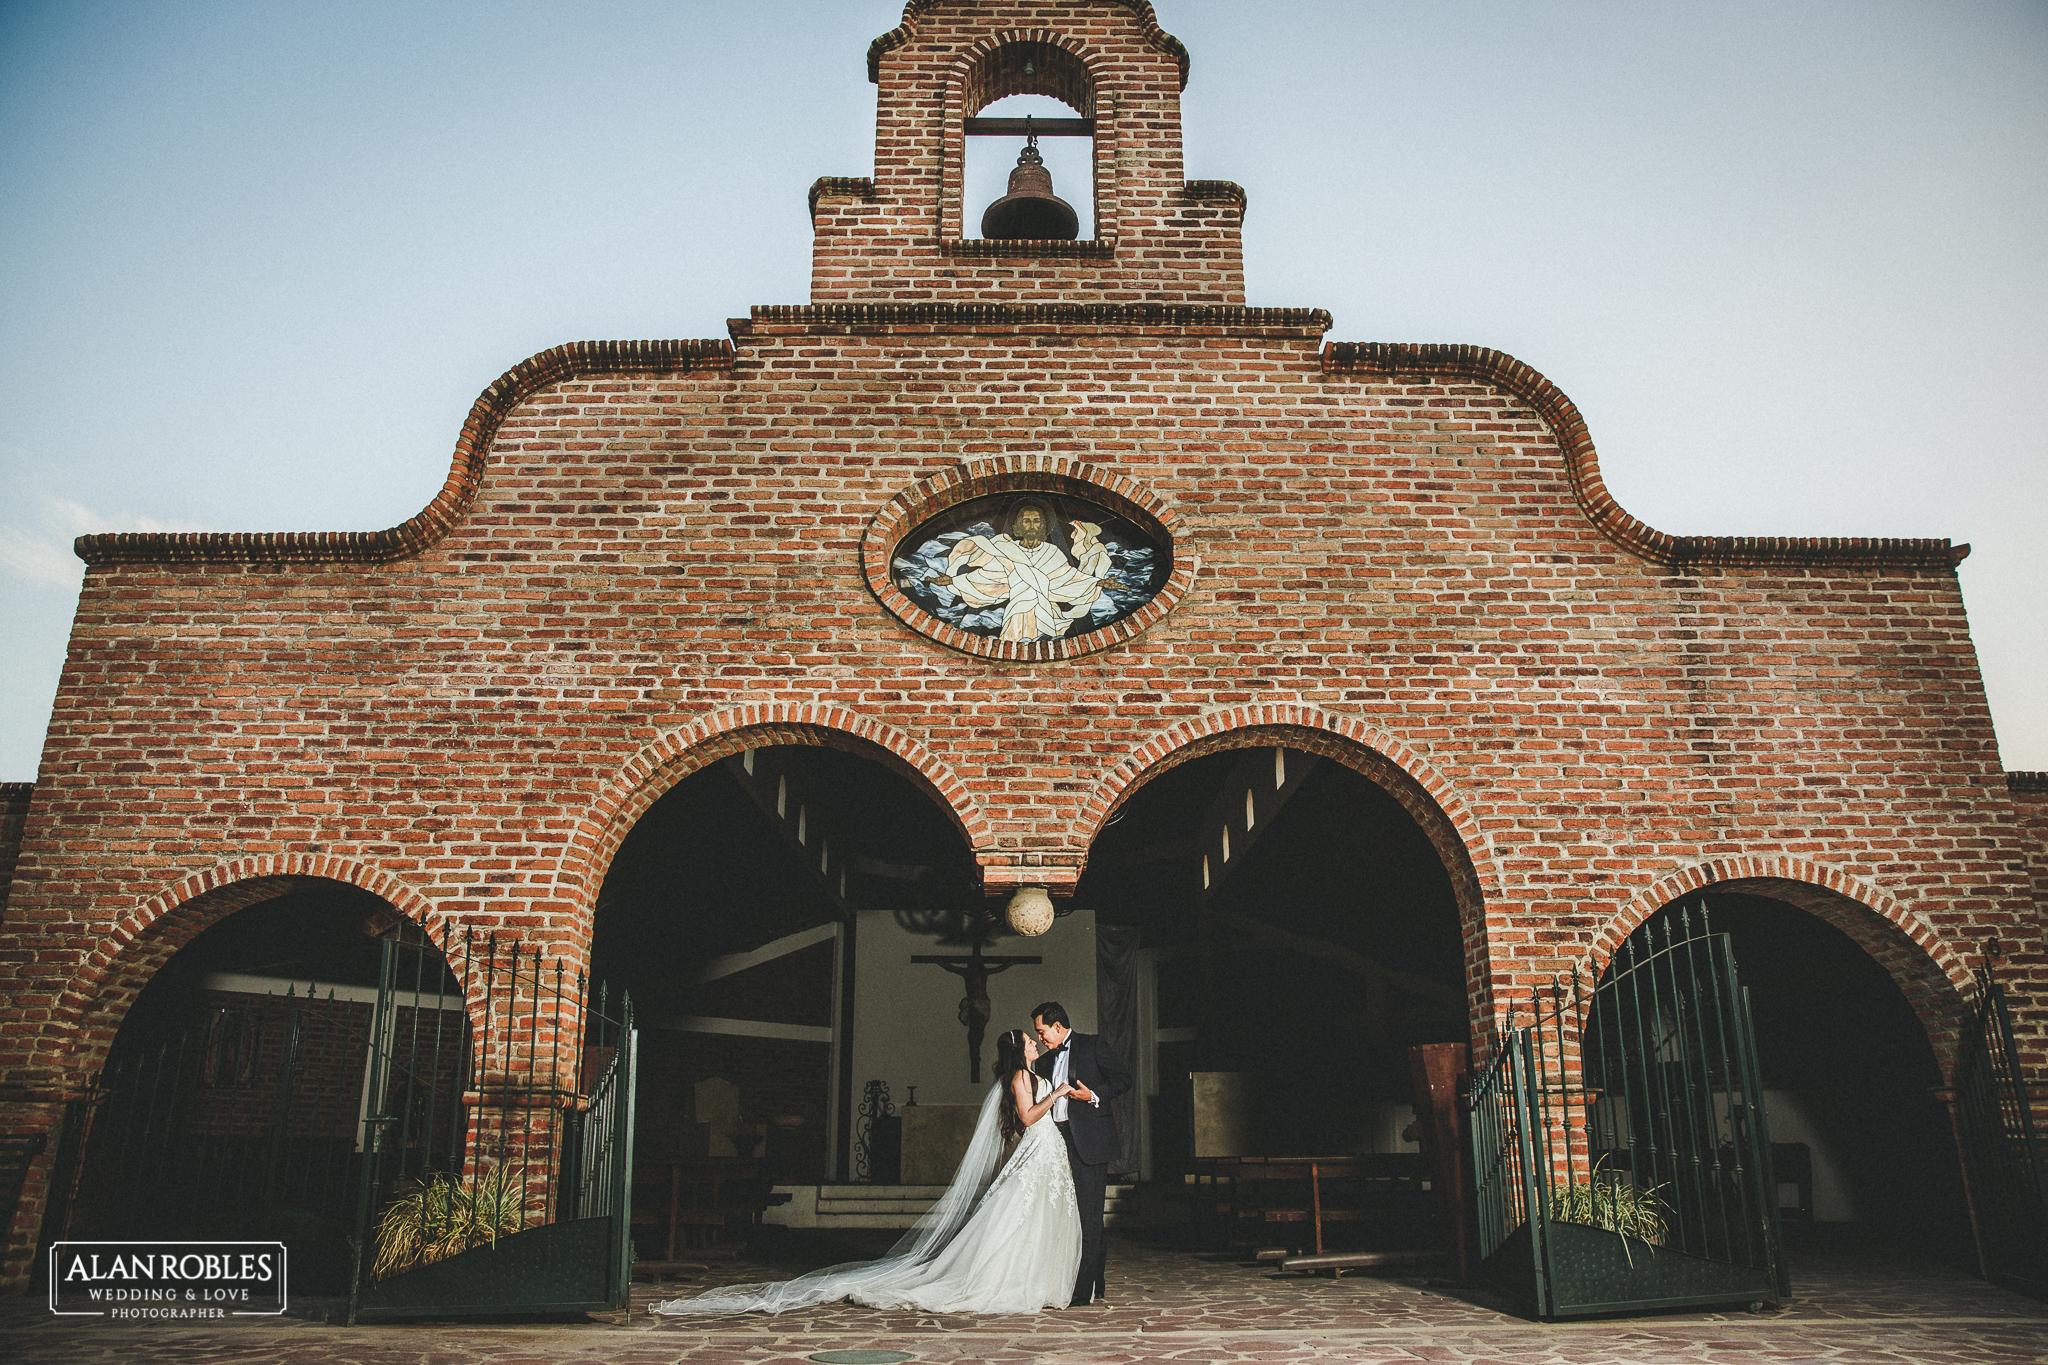 Foto de novios en capilla, hacienda Los Pozos. Fotografo de bodas en Guadalajara Alan Robles. Wedding session.